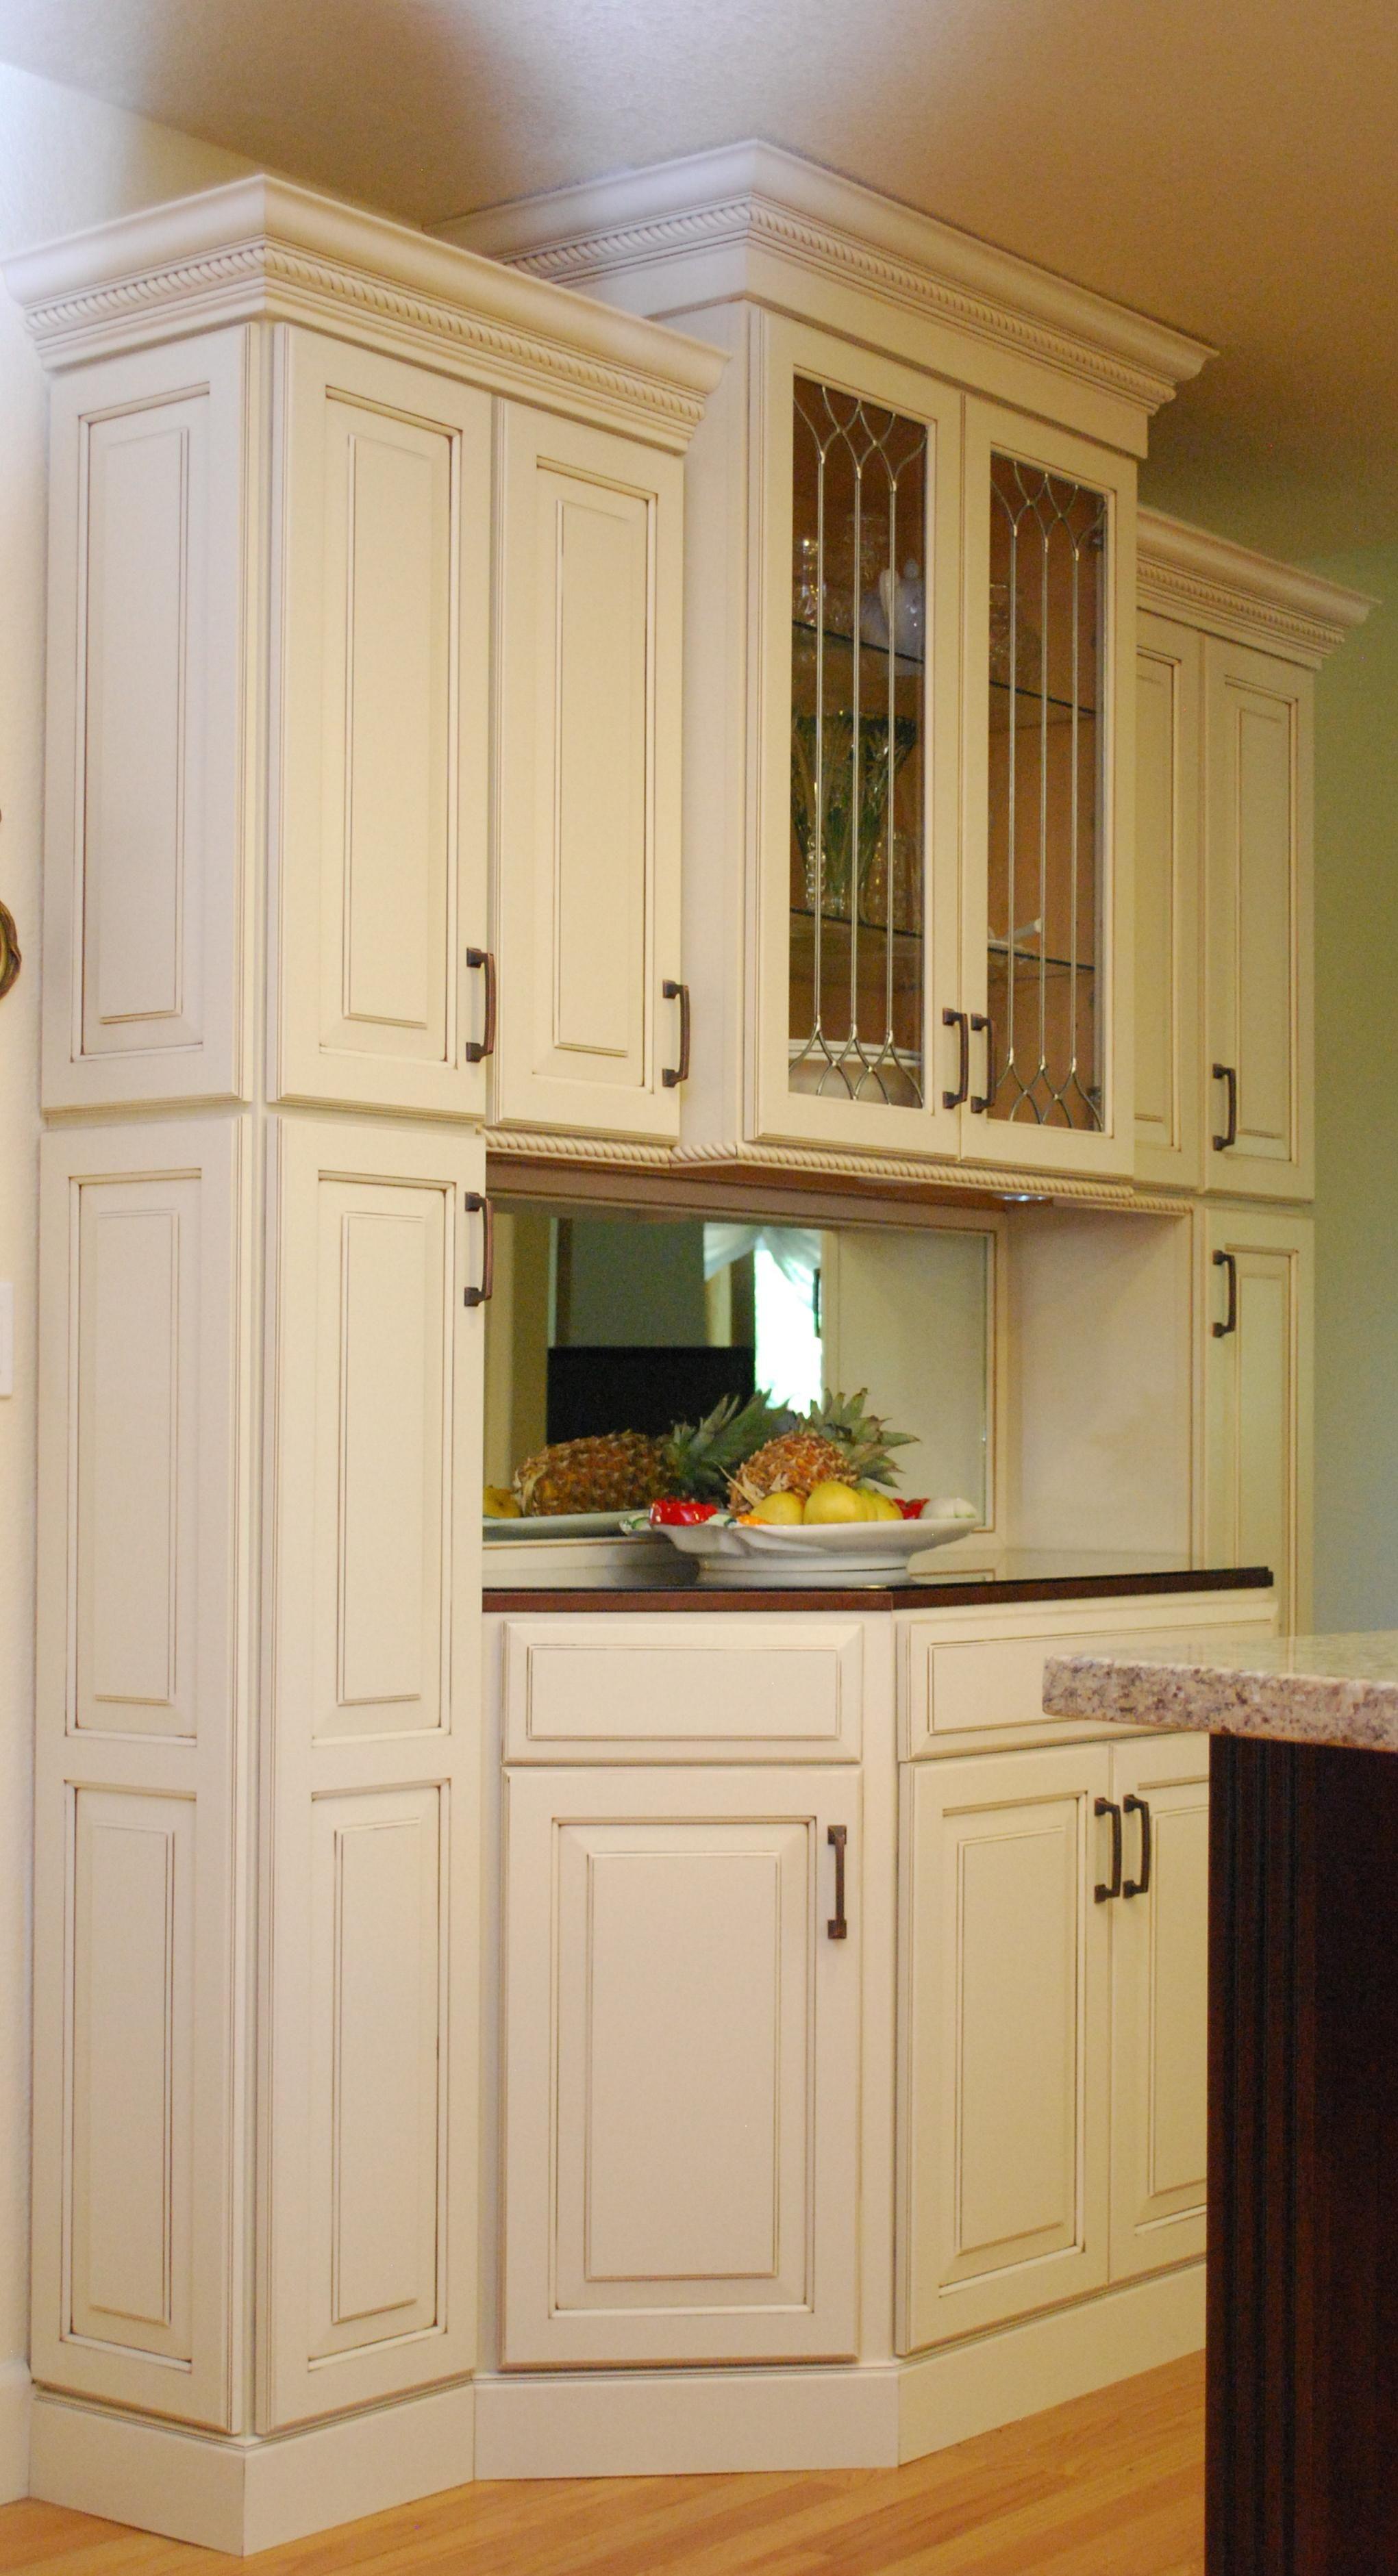 Waypoint Living Spaces Kitchen Cabinet Design Modern Kitchen Cabinets Kitchen Cabinet Styles